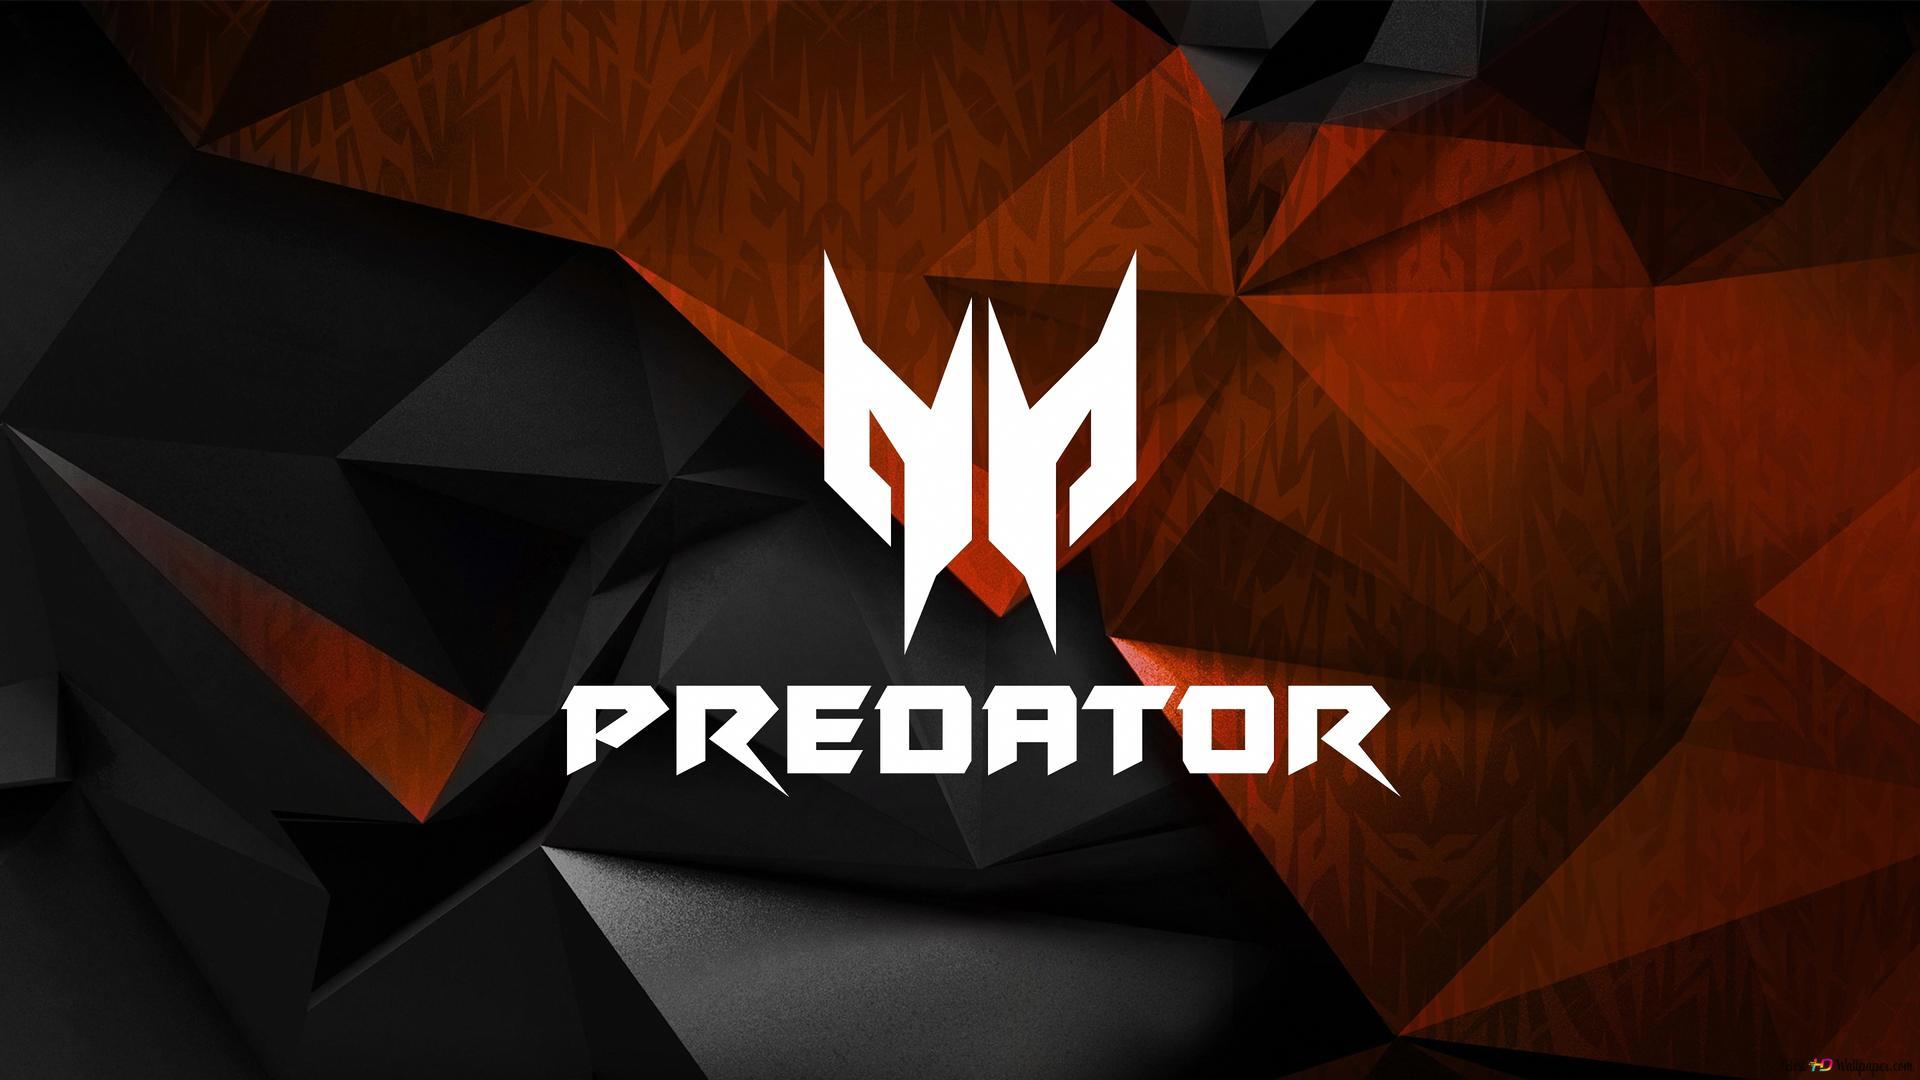 Descargar Fondo De Pantalla Logotipo De Acer Predator Hd